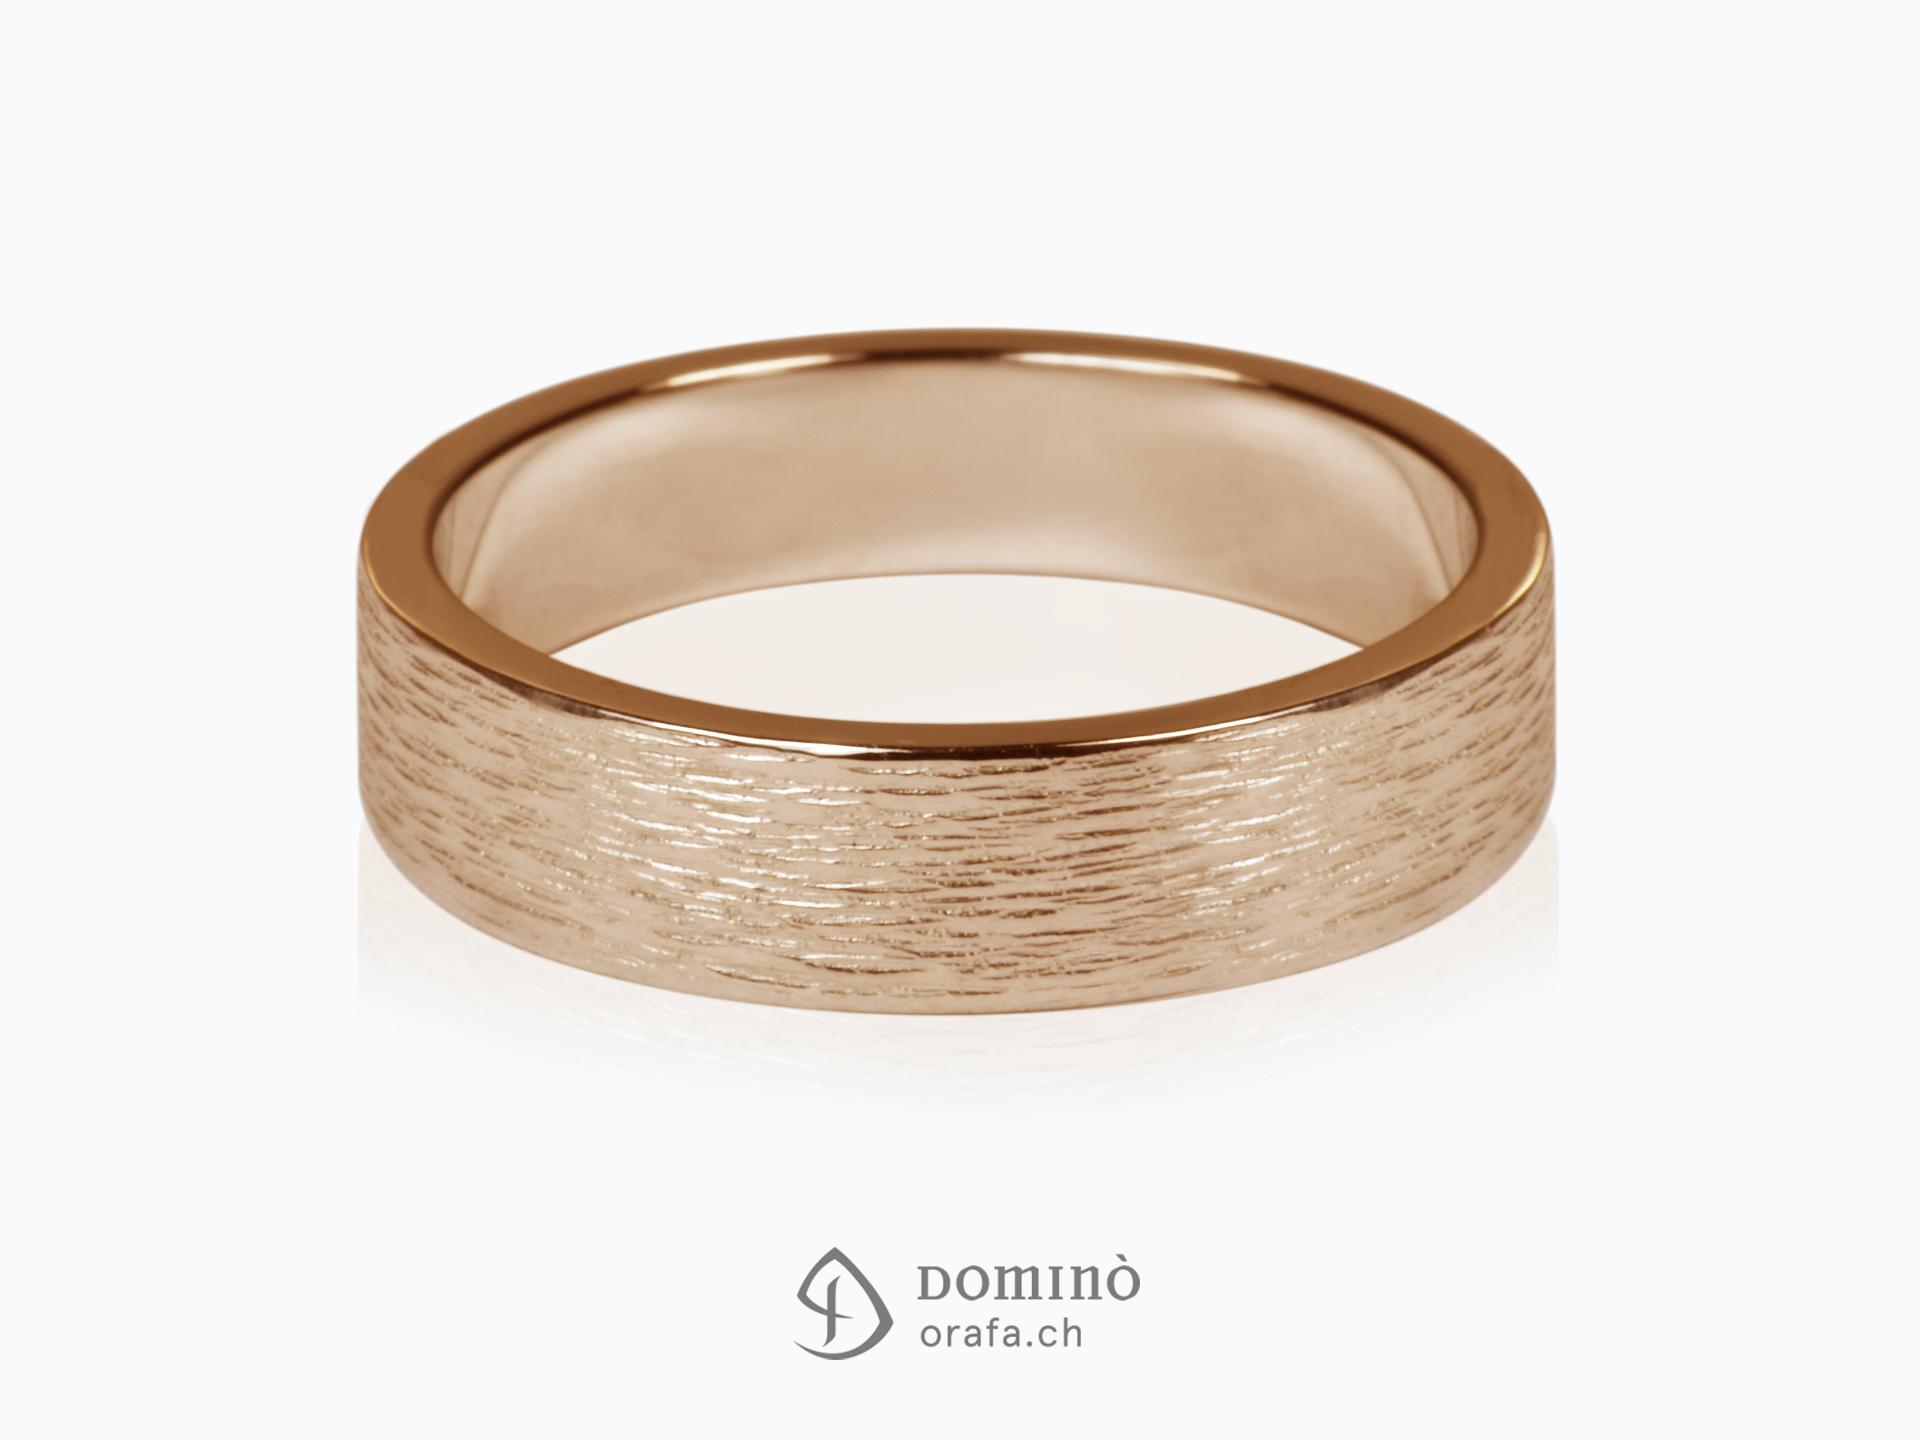 Vertical Linee rings